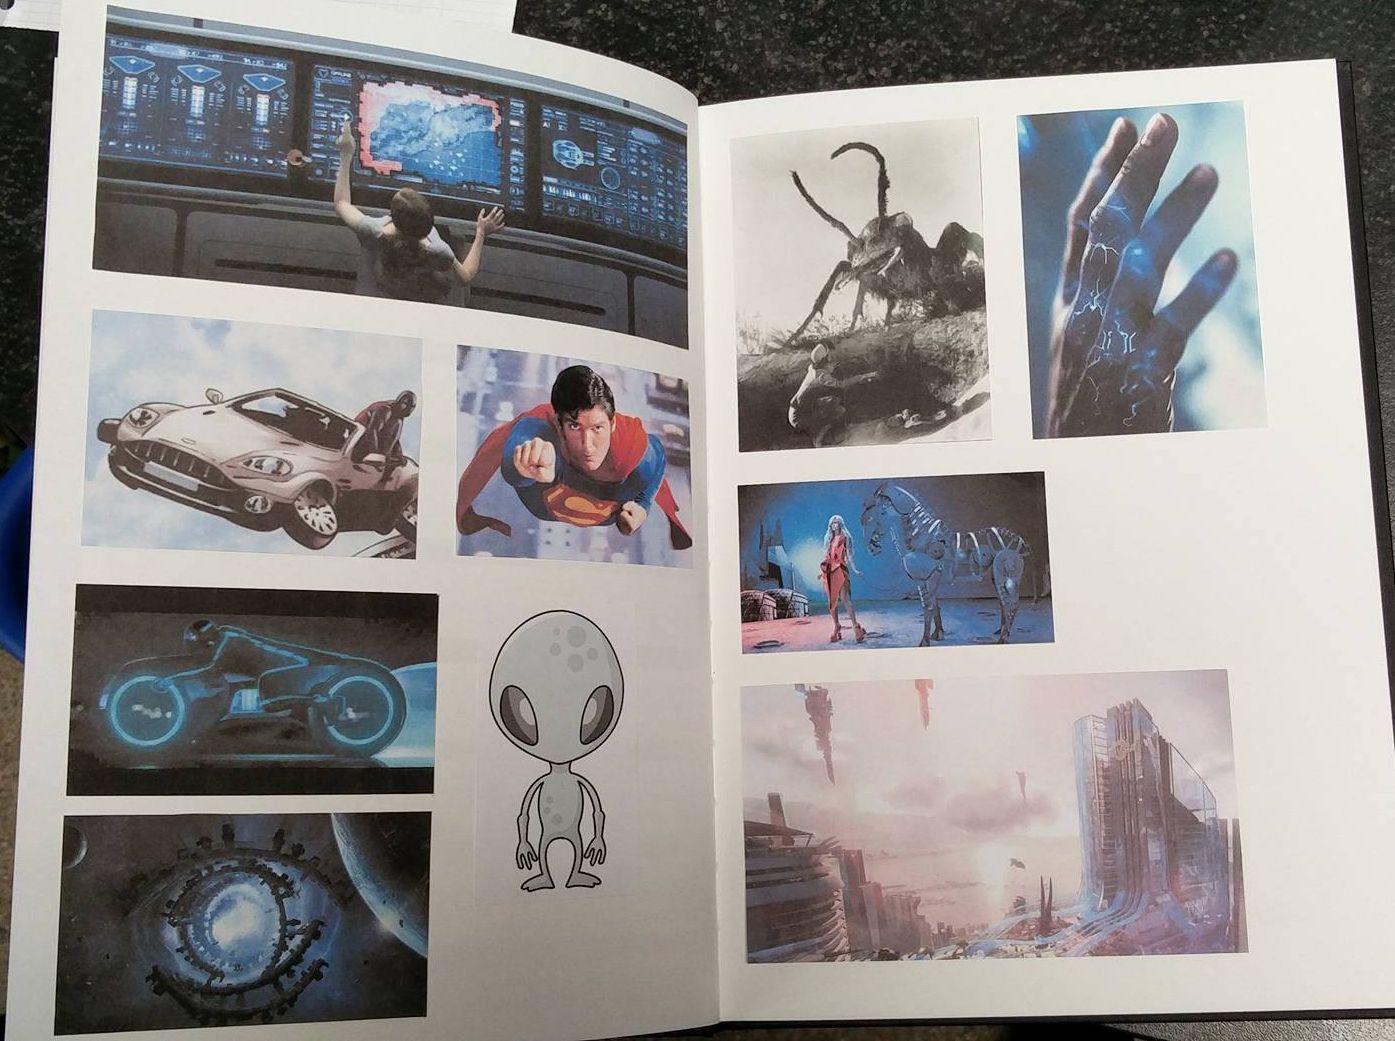 10 verschillende afbeeldingen (foto's, illustraties, grafische elementen) van science fiction